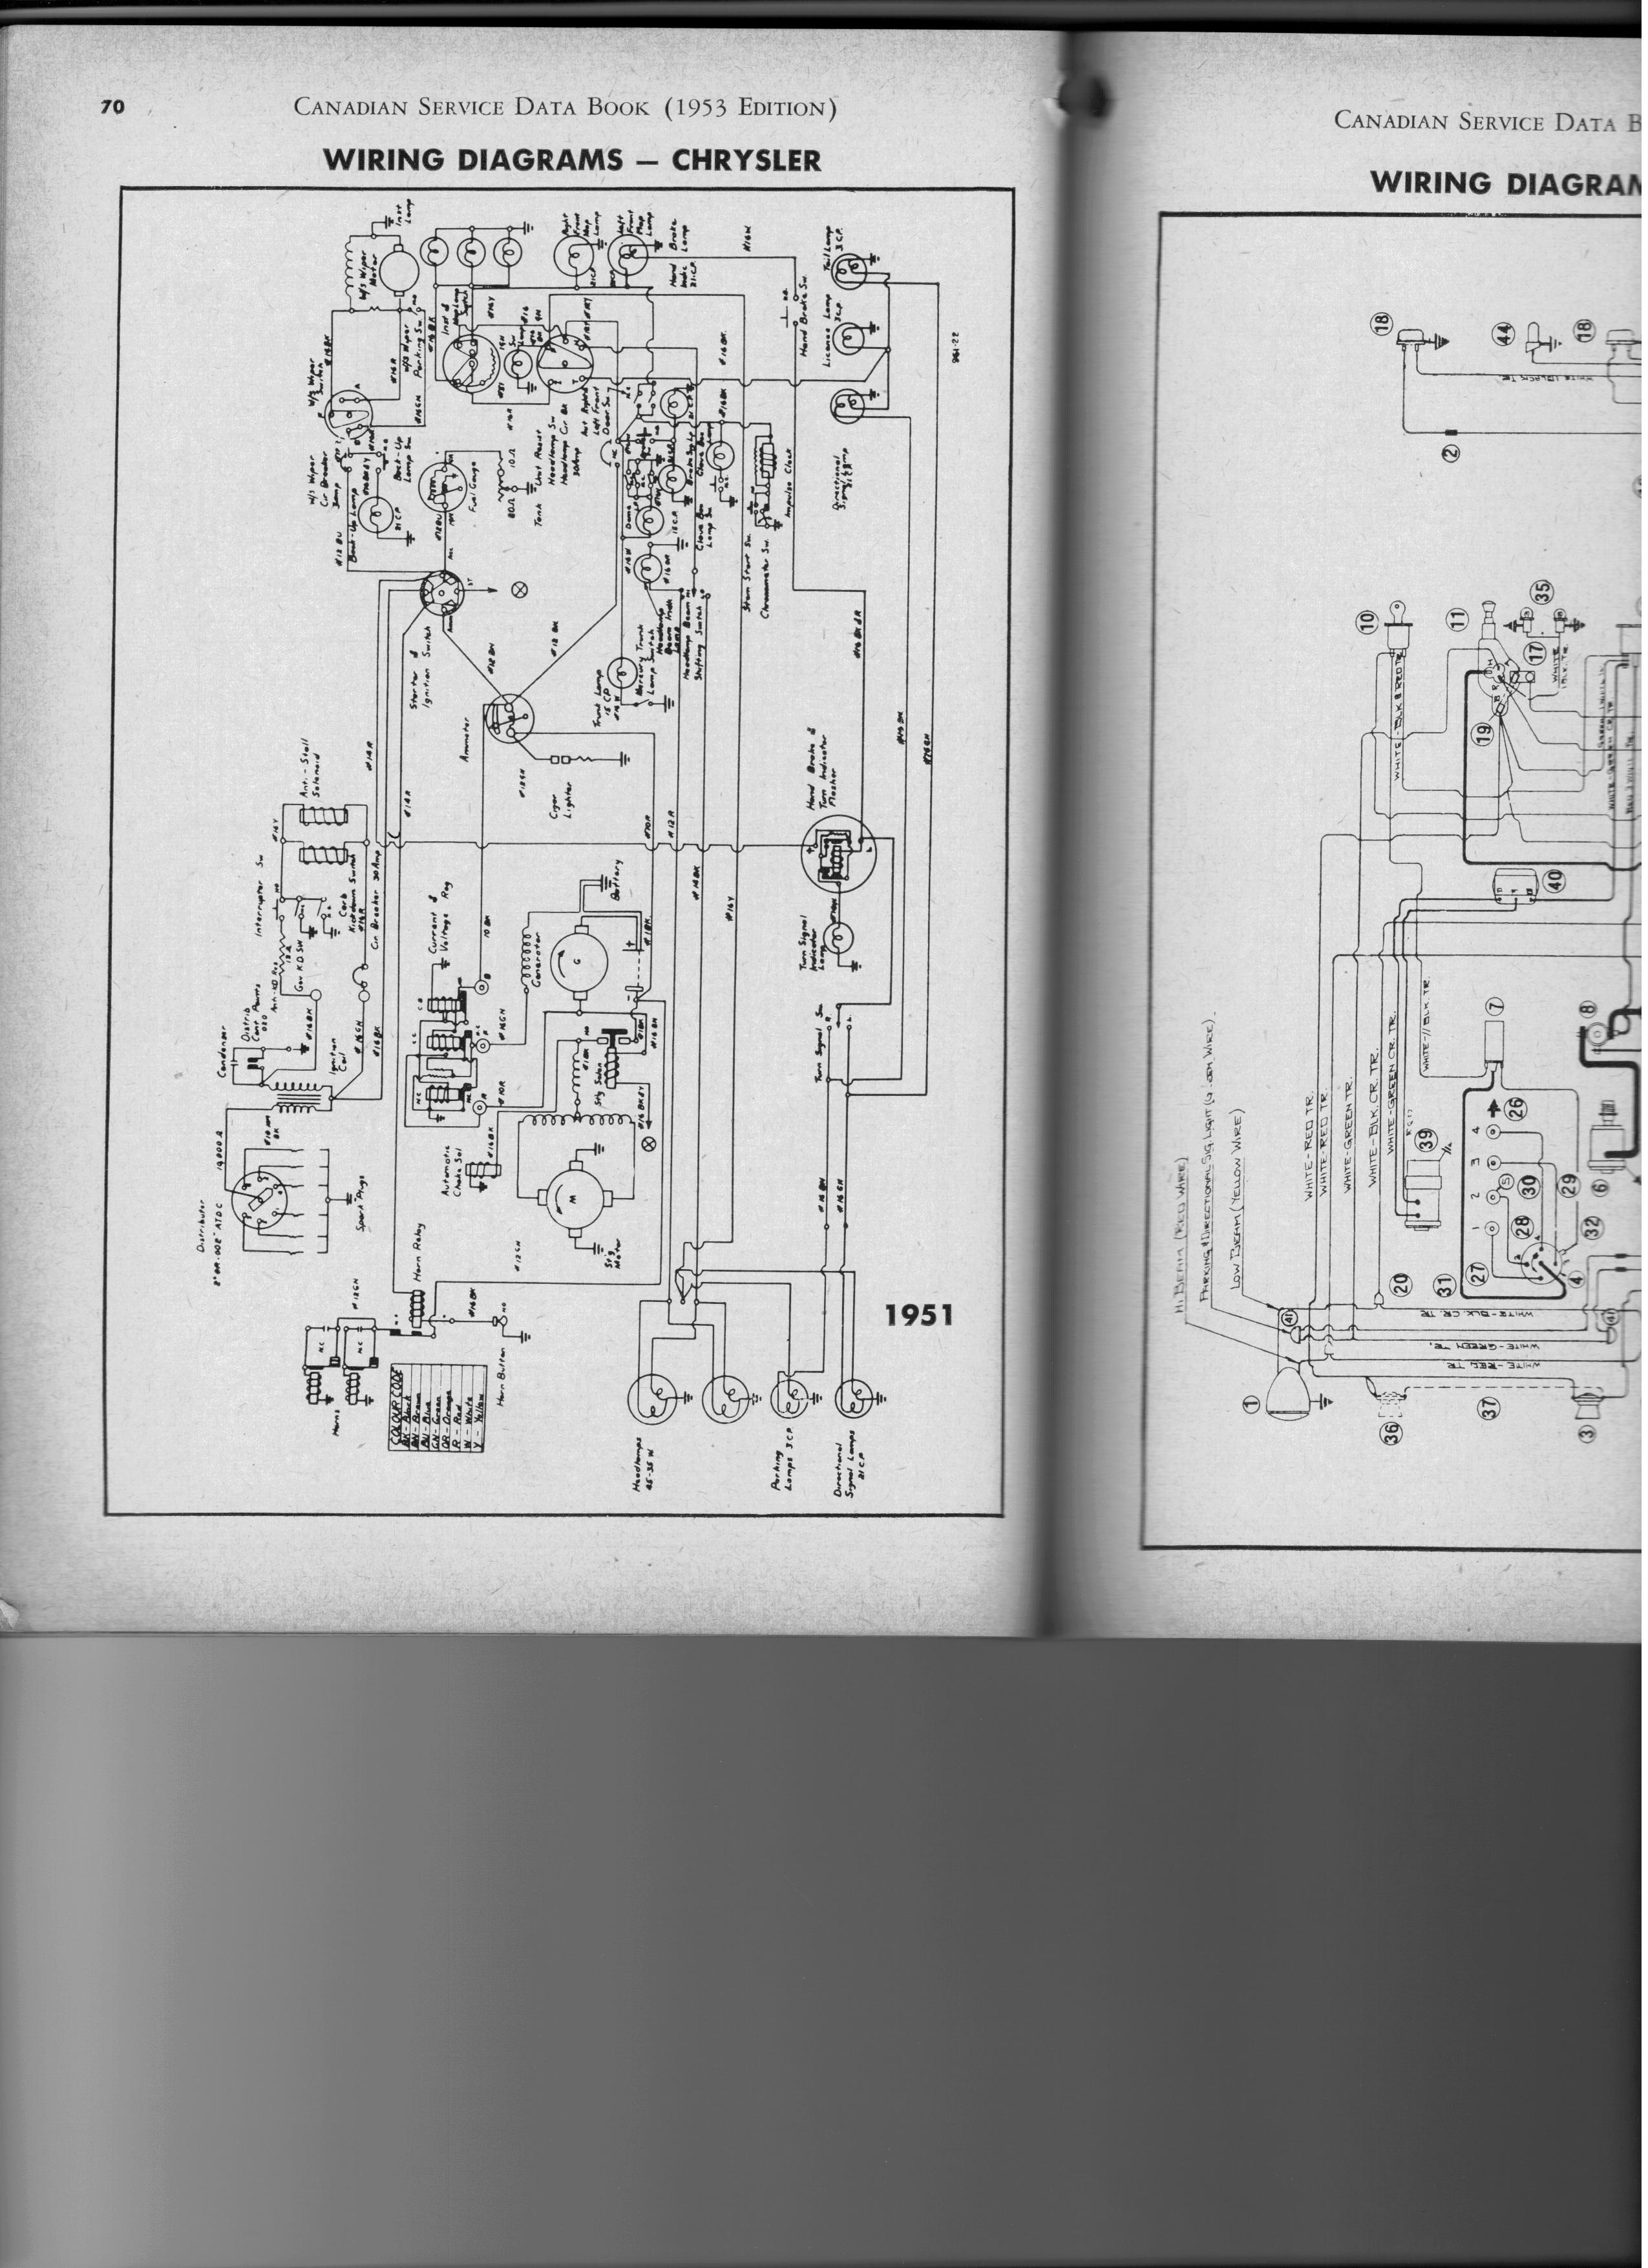 Wiring Diagram Chrysler